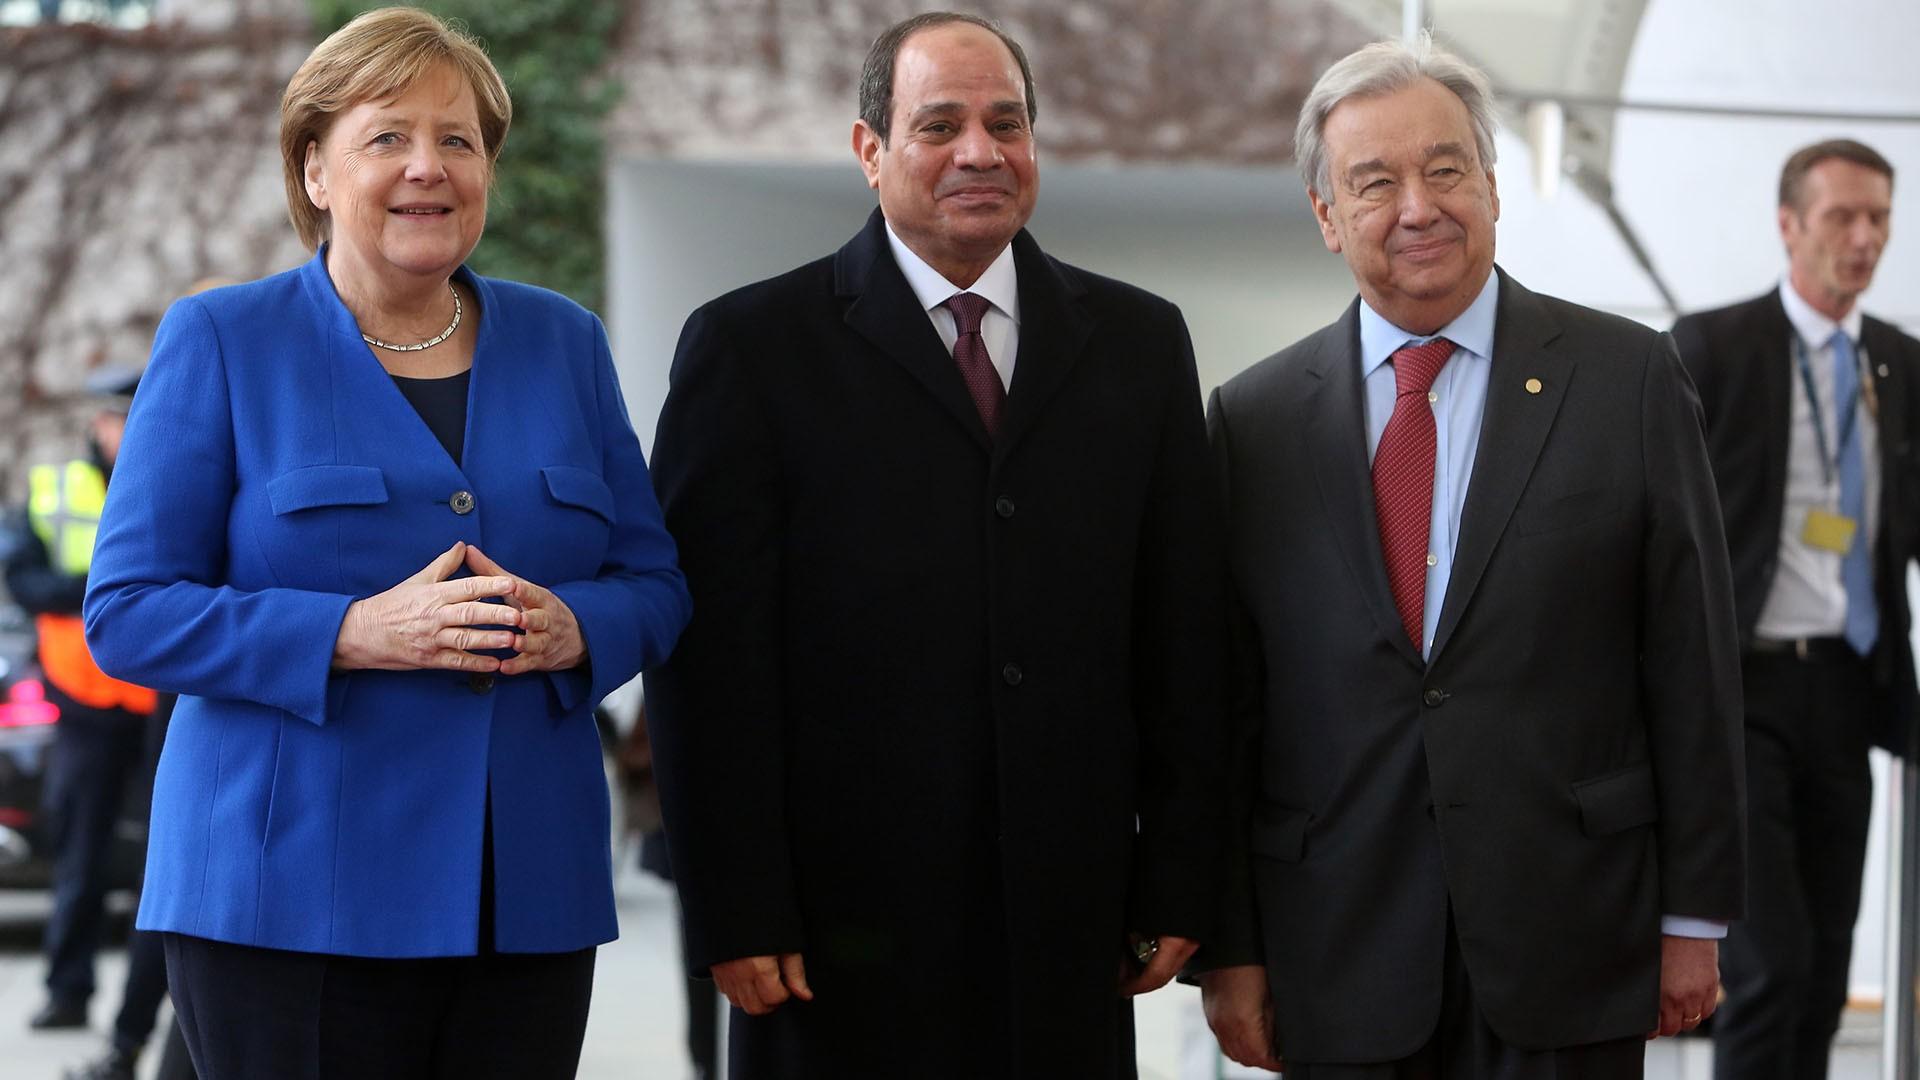 السيسي يشارك في مؤتمر برلين الخاص بالأزمة الليبية